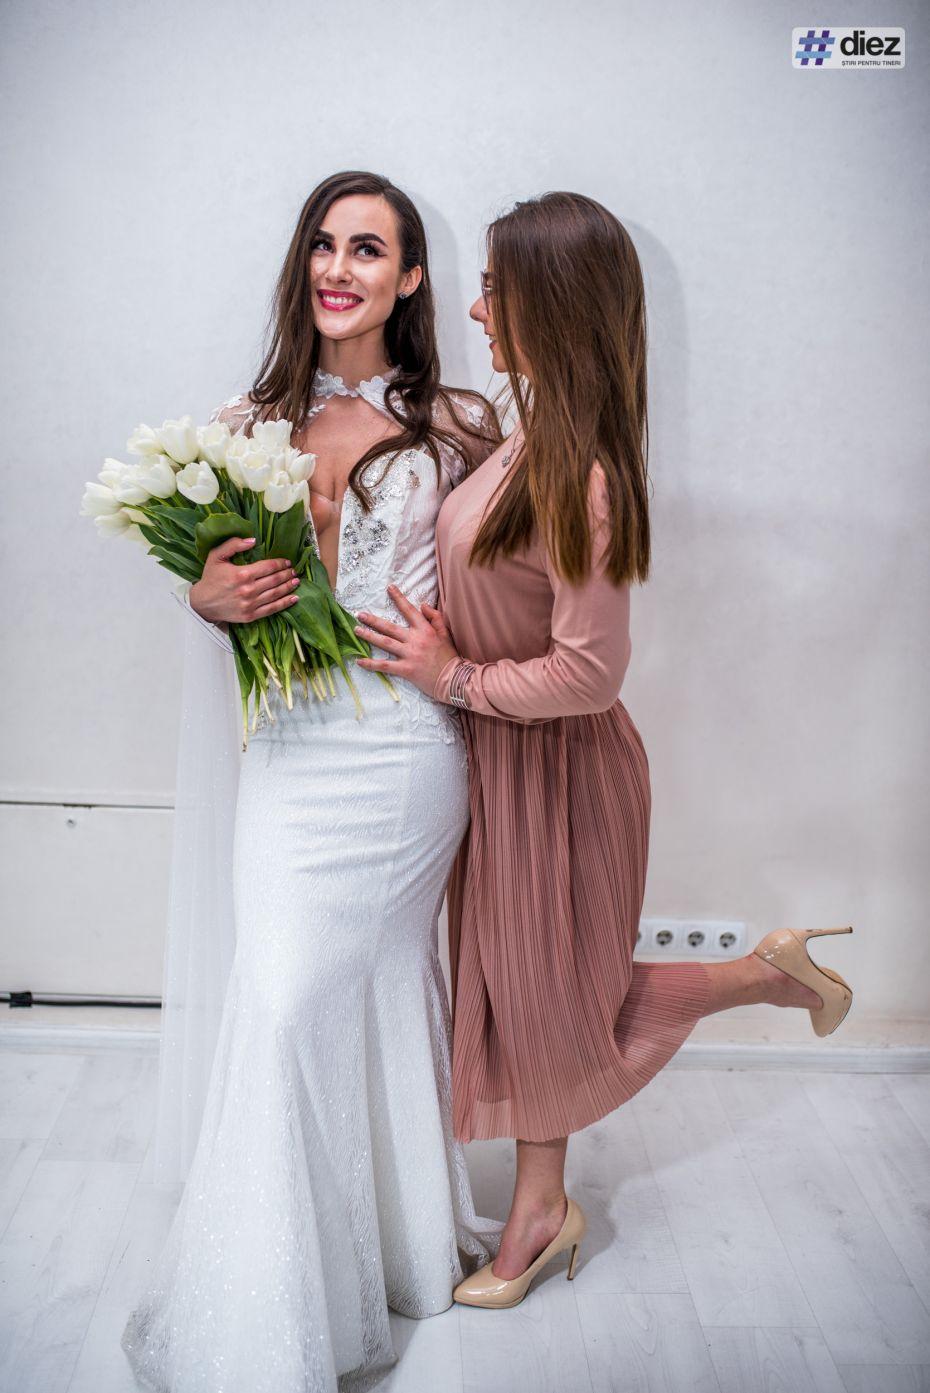 Miss asem 2019 (14)